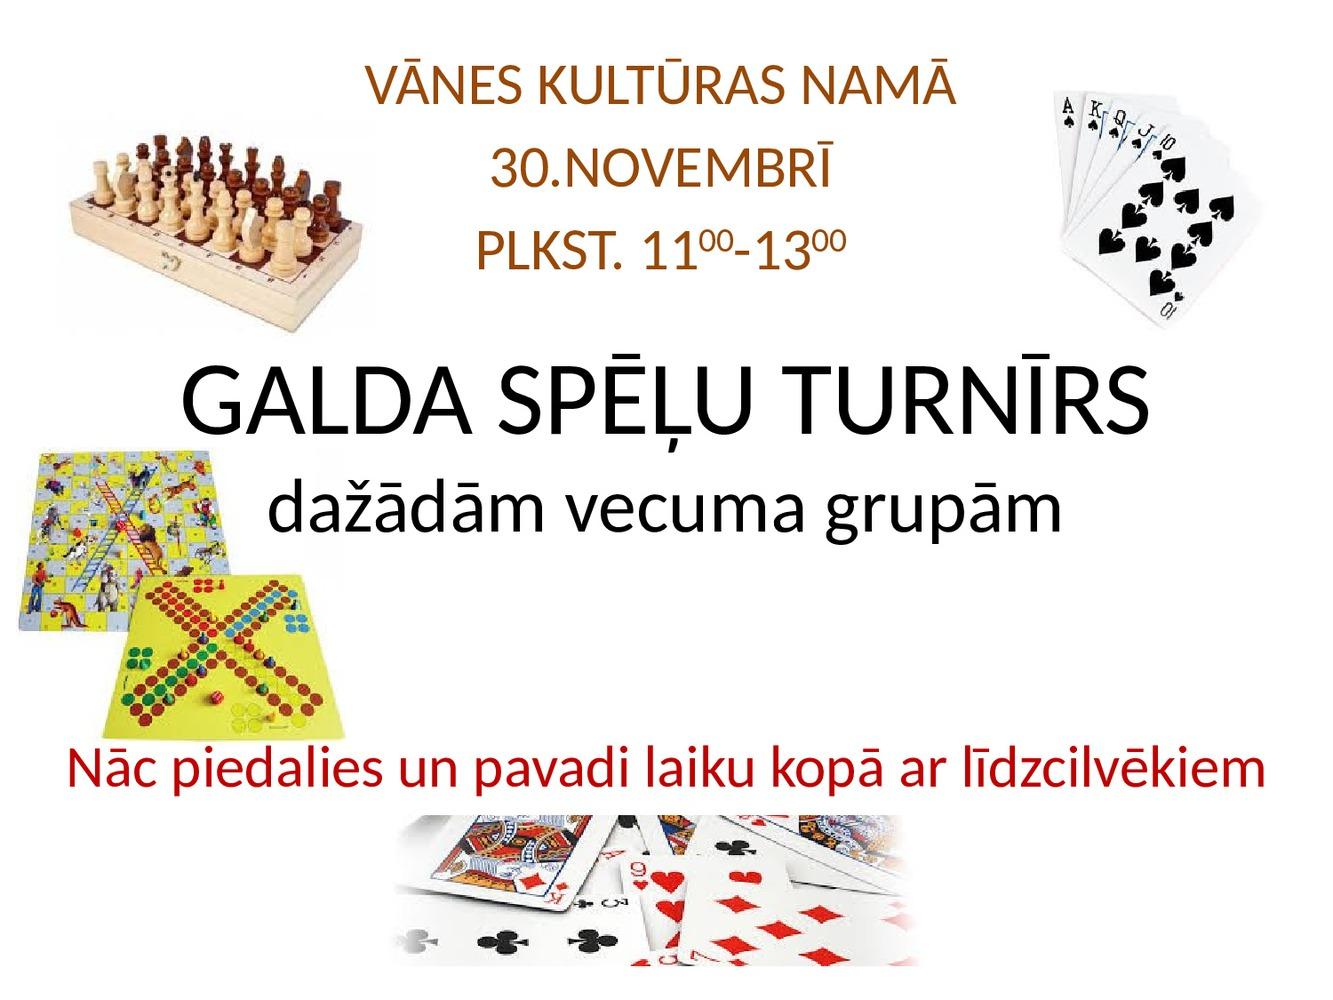 galda_sp196146196187u_turn196170rs.jpg